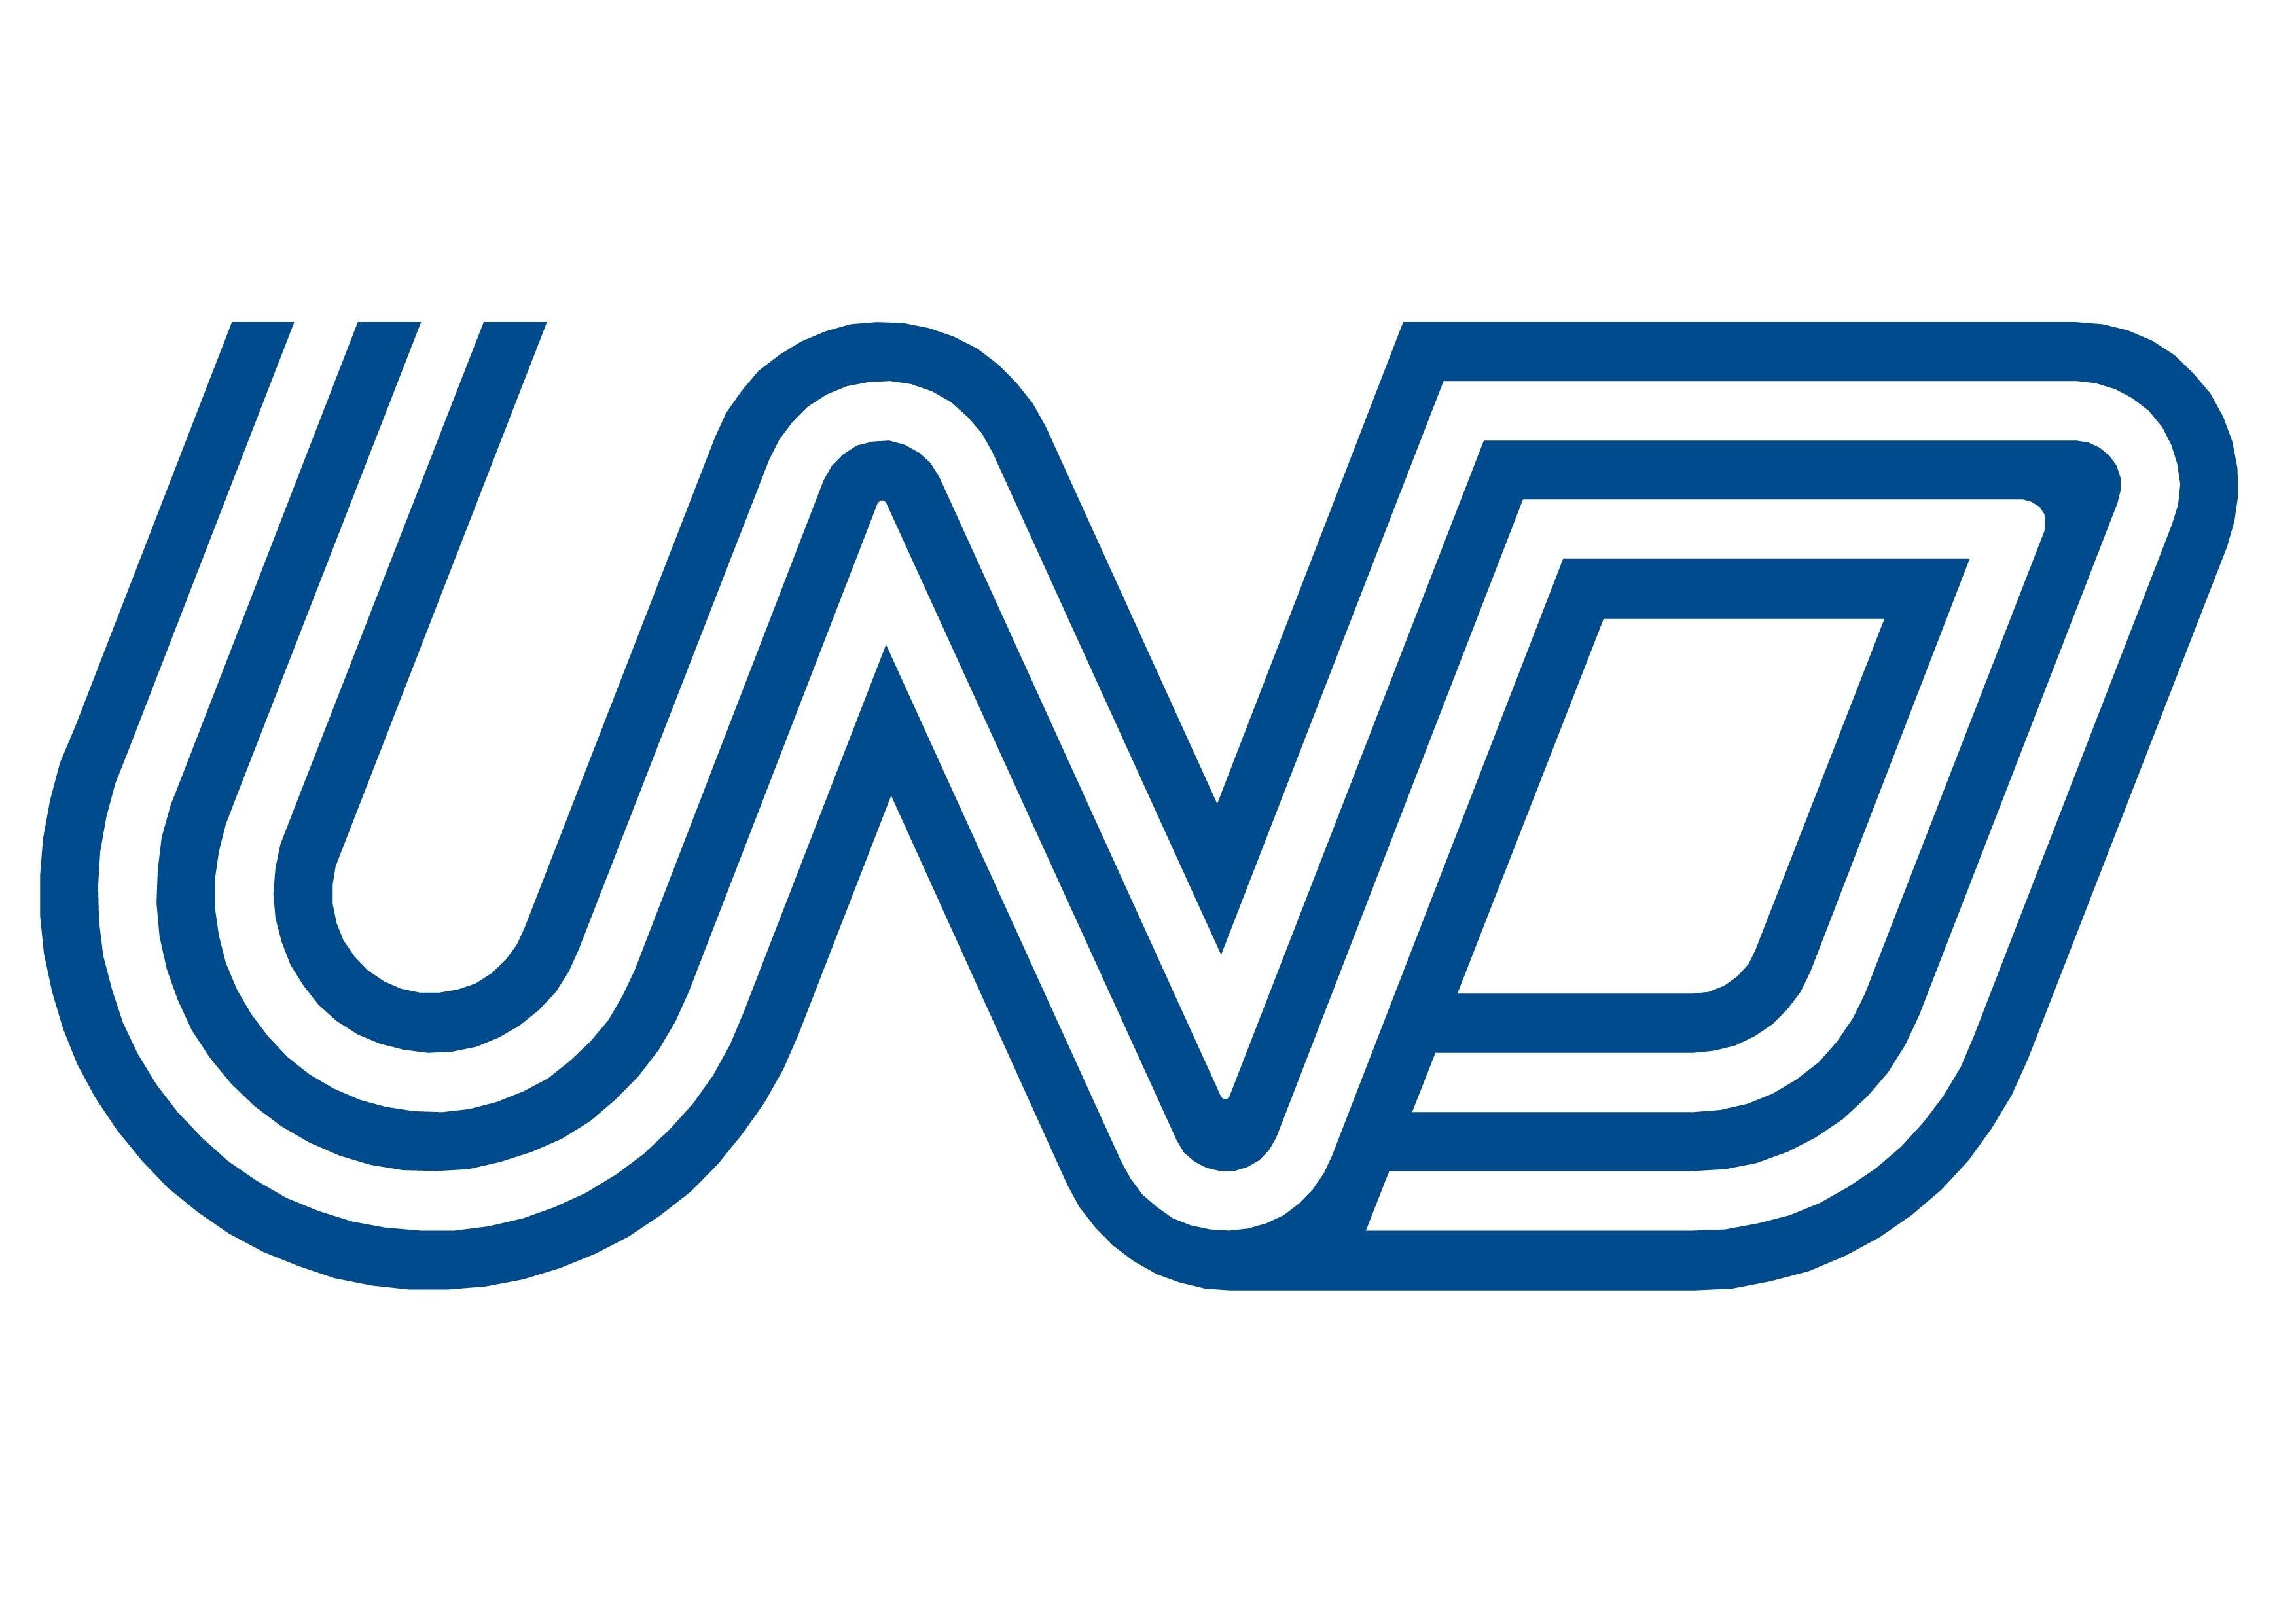 UND, GATEWAY ve Stratejik Partneri VFS Global ile anlaştı